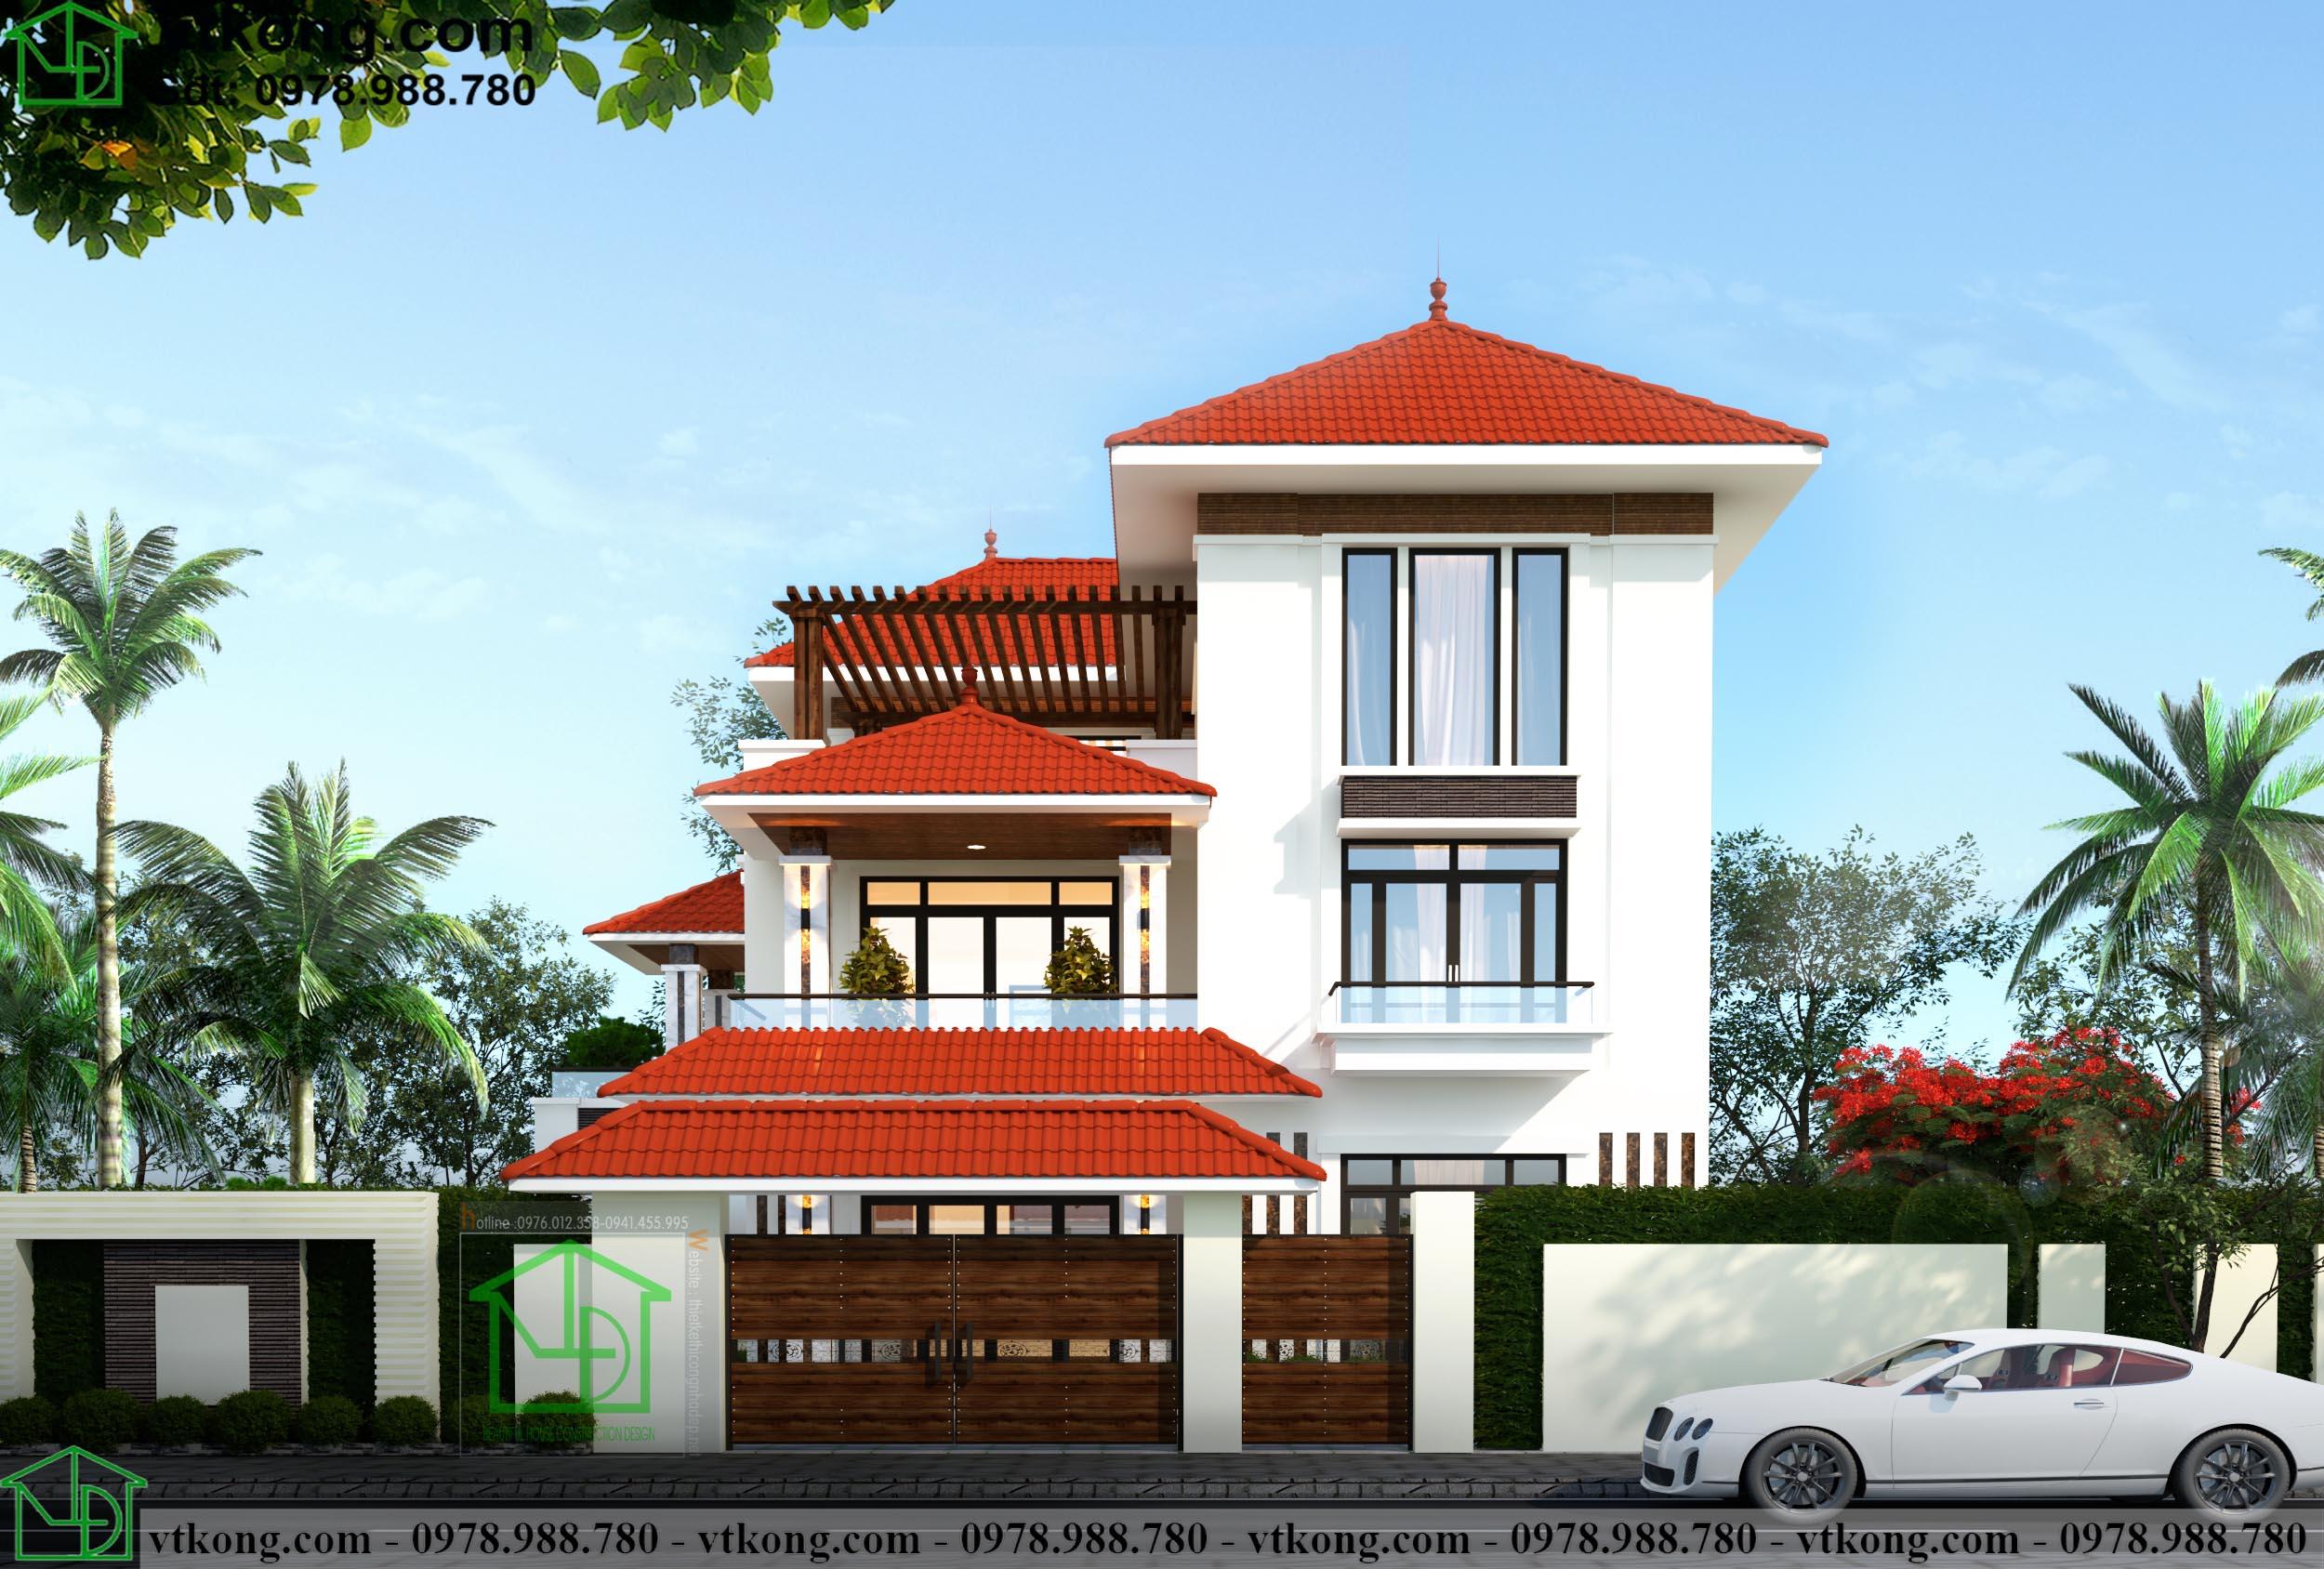 Thiết kế biệt thự 3 tầng đẹp hiện đại 15x15m BT3T008 1